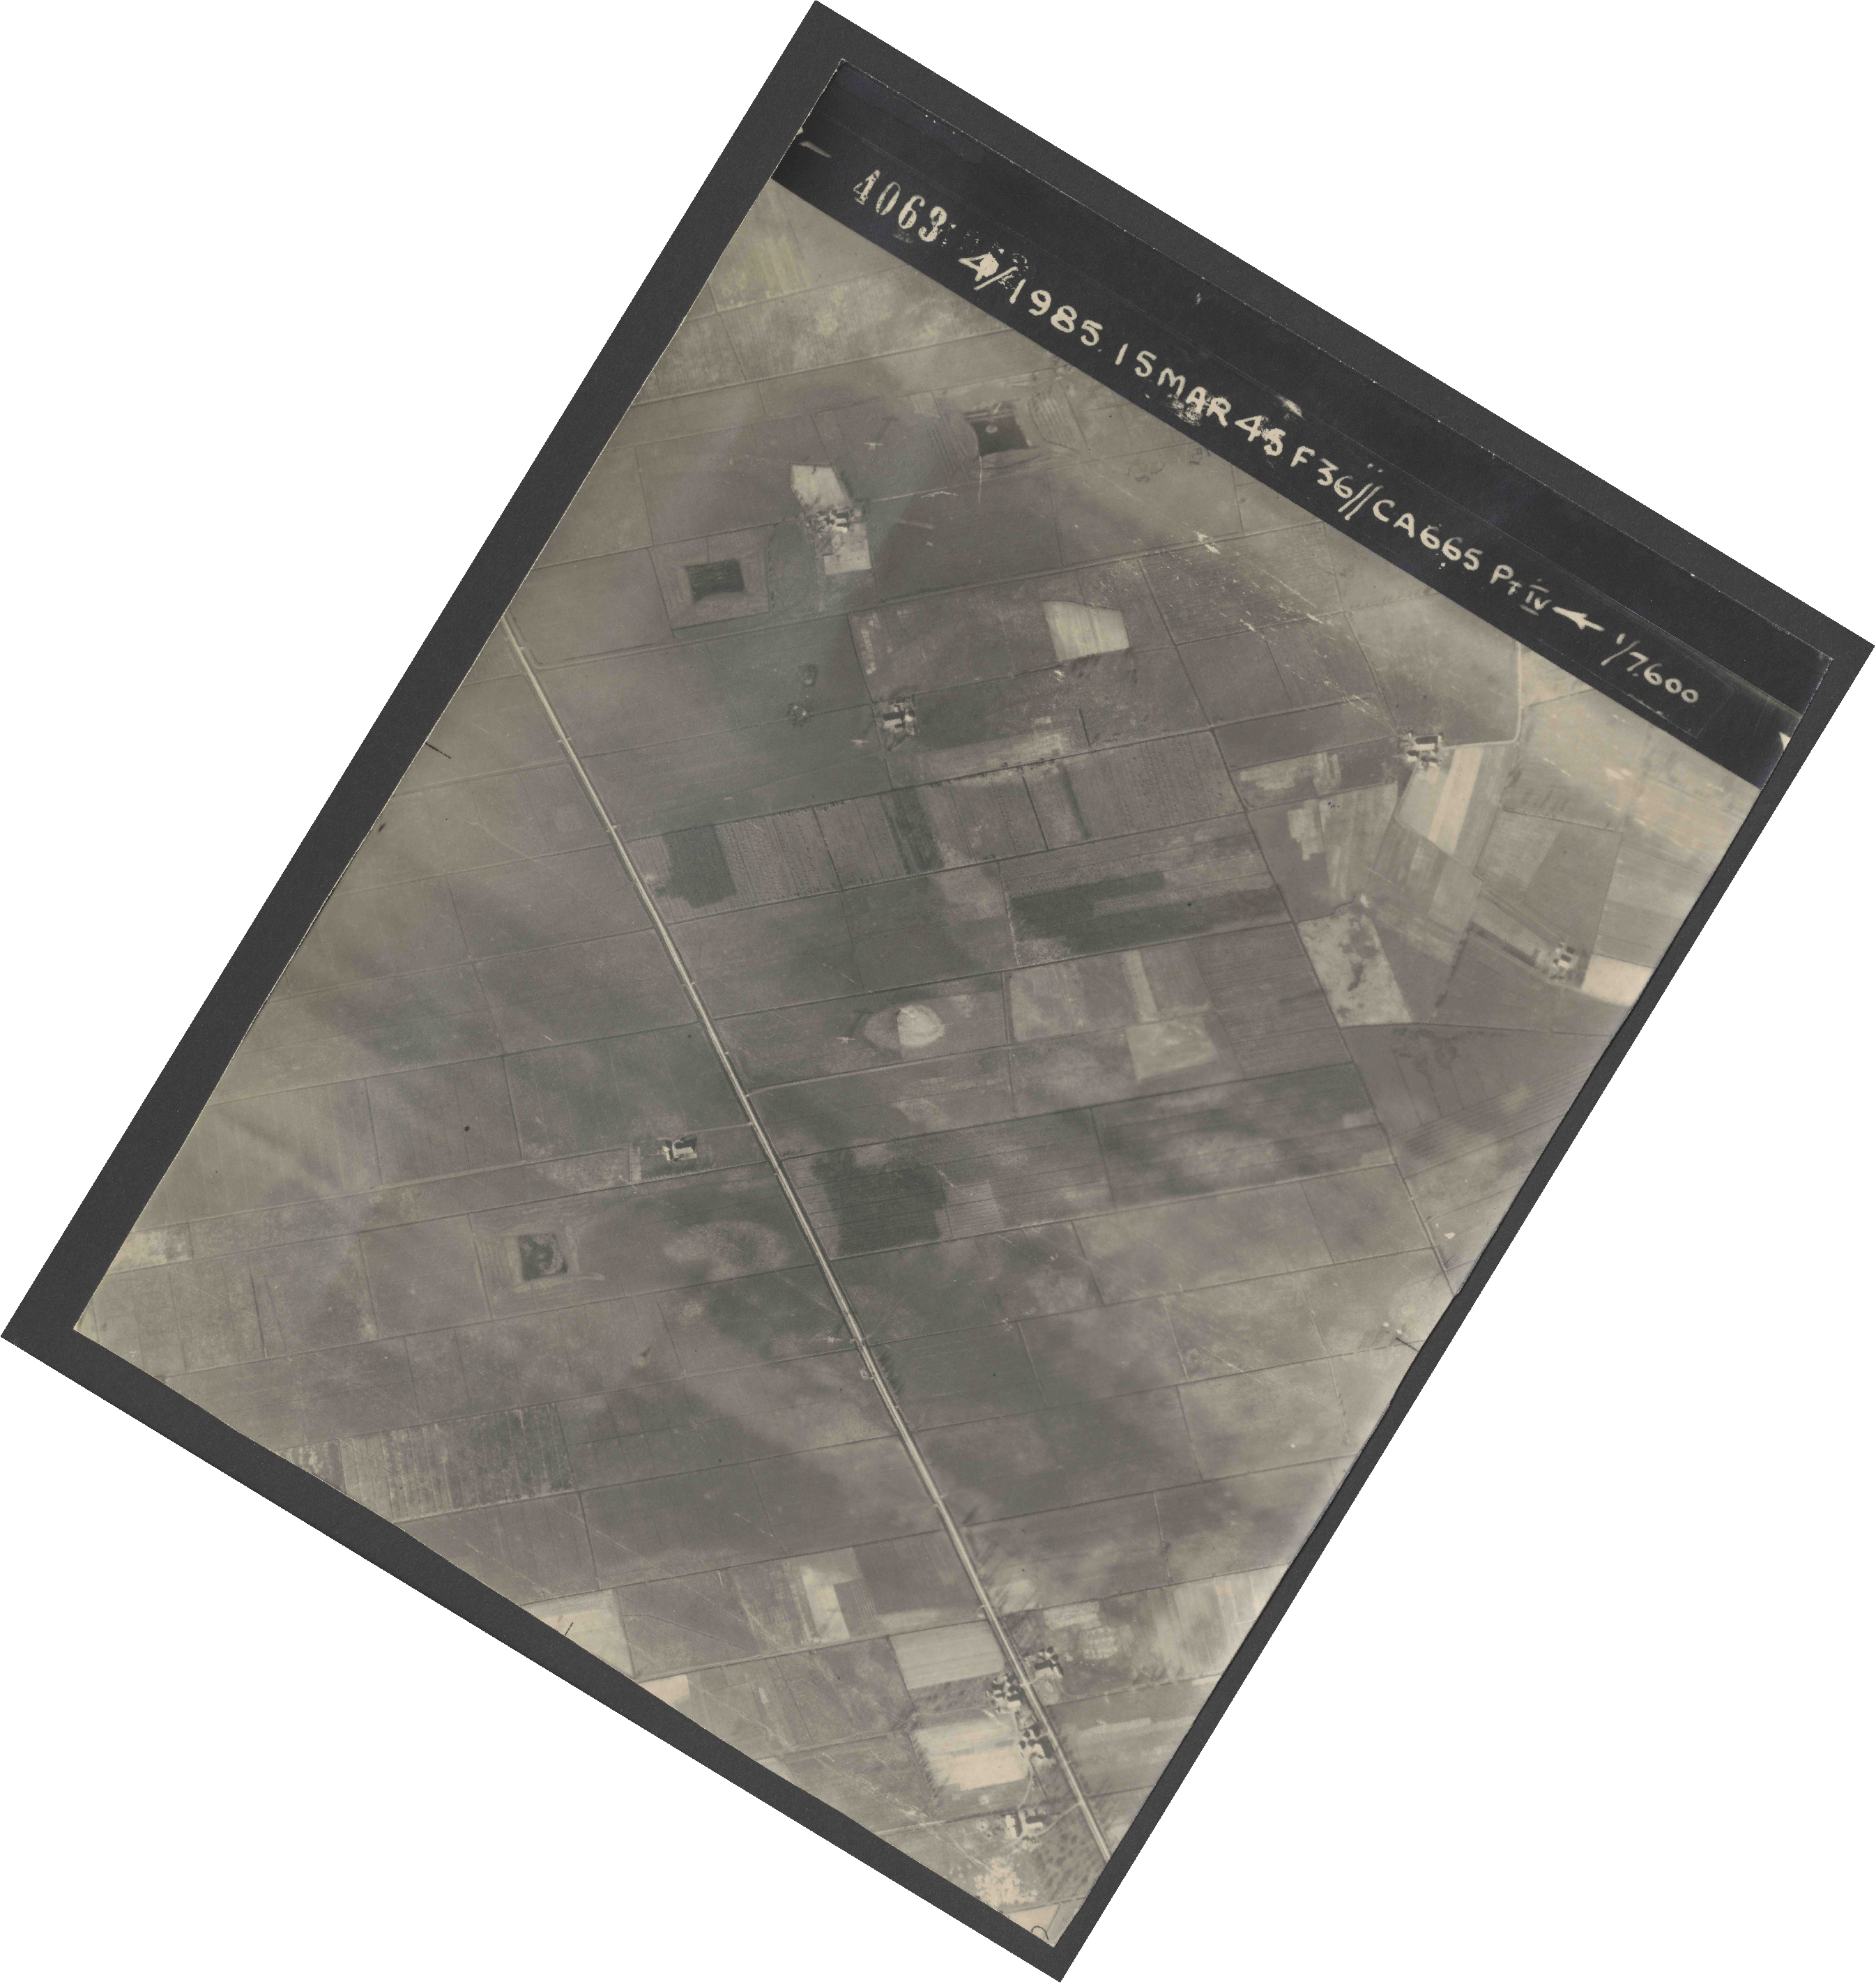 Collection RAF aerial photos 1940-1945 - flight 059, run 03, photo 4063